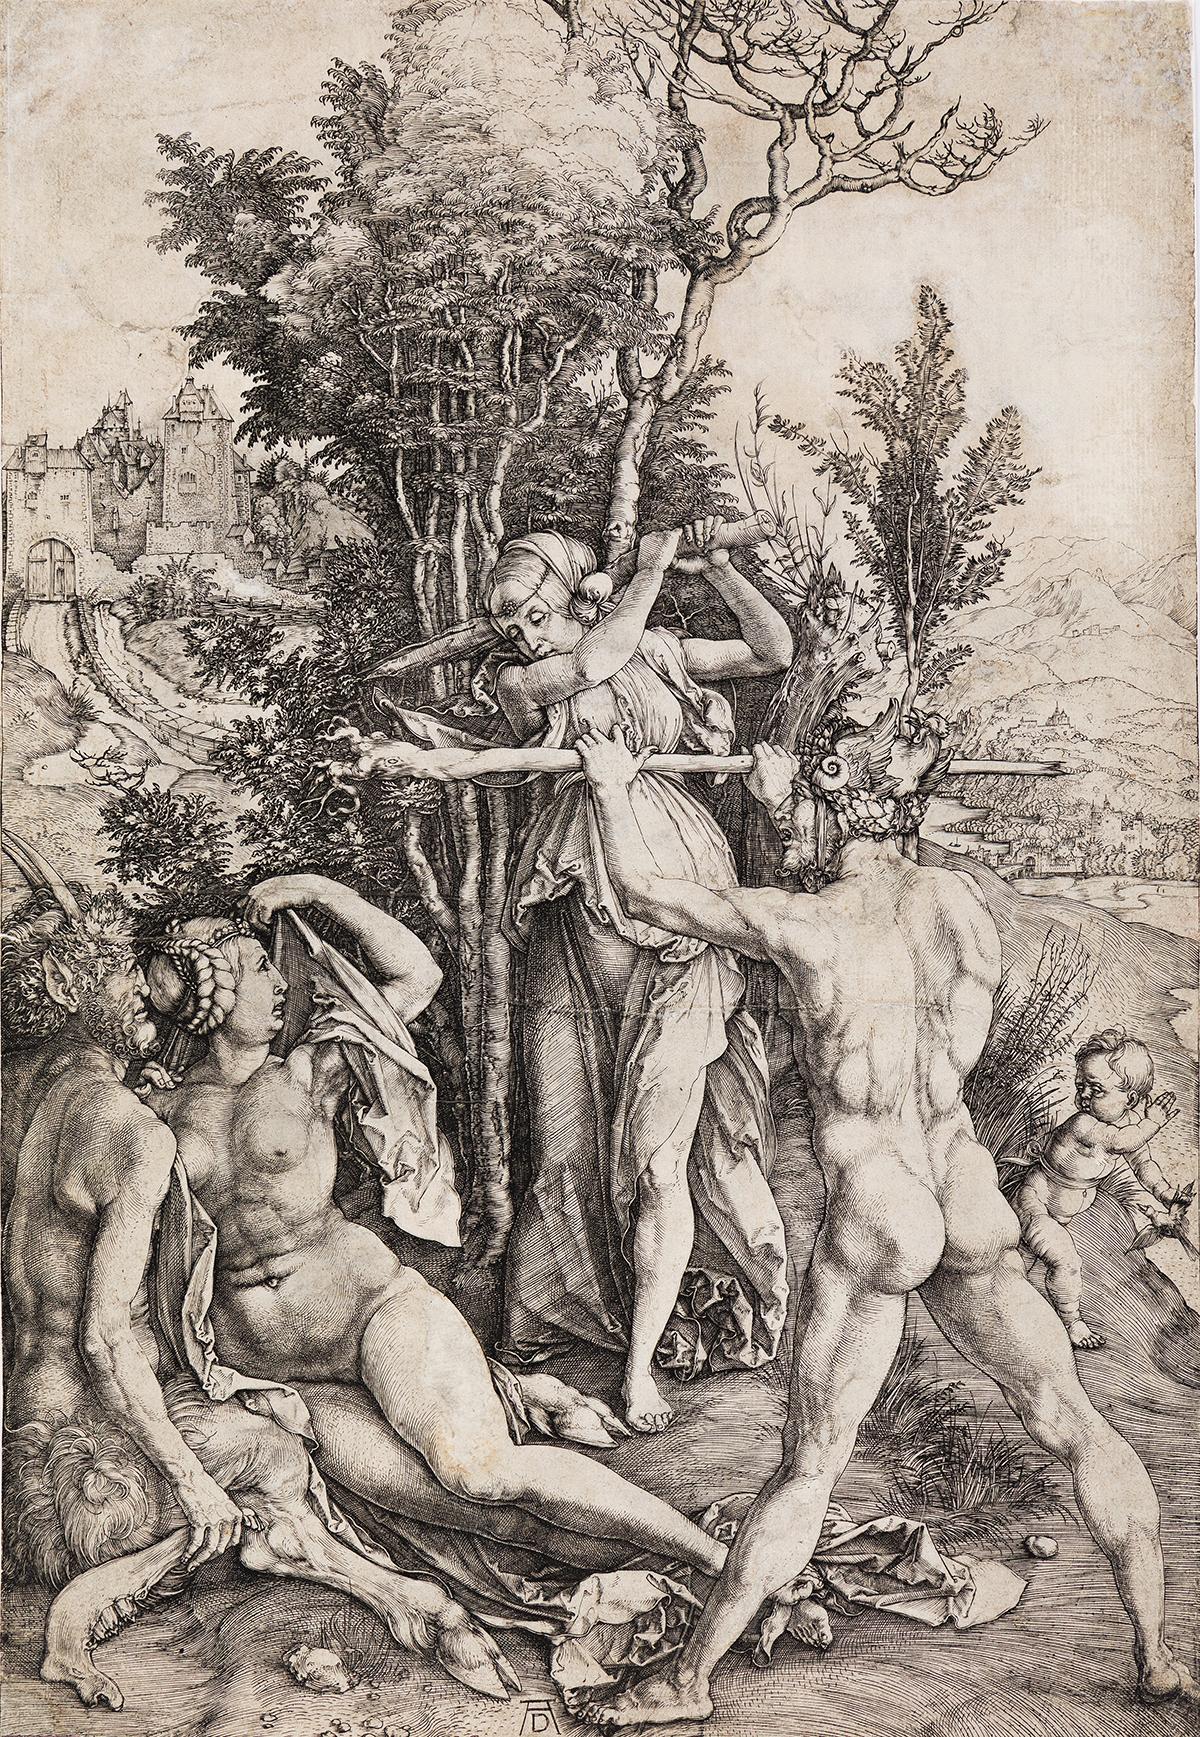 ALBRECHT DÜRER Hercules, or the Effects of Jealousy.